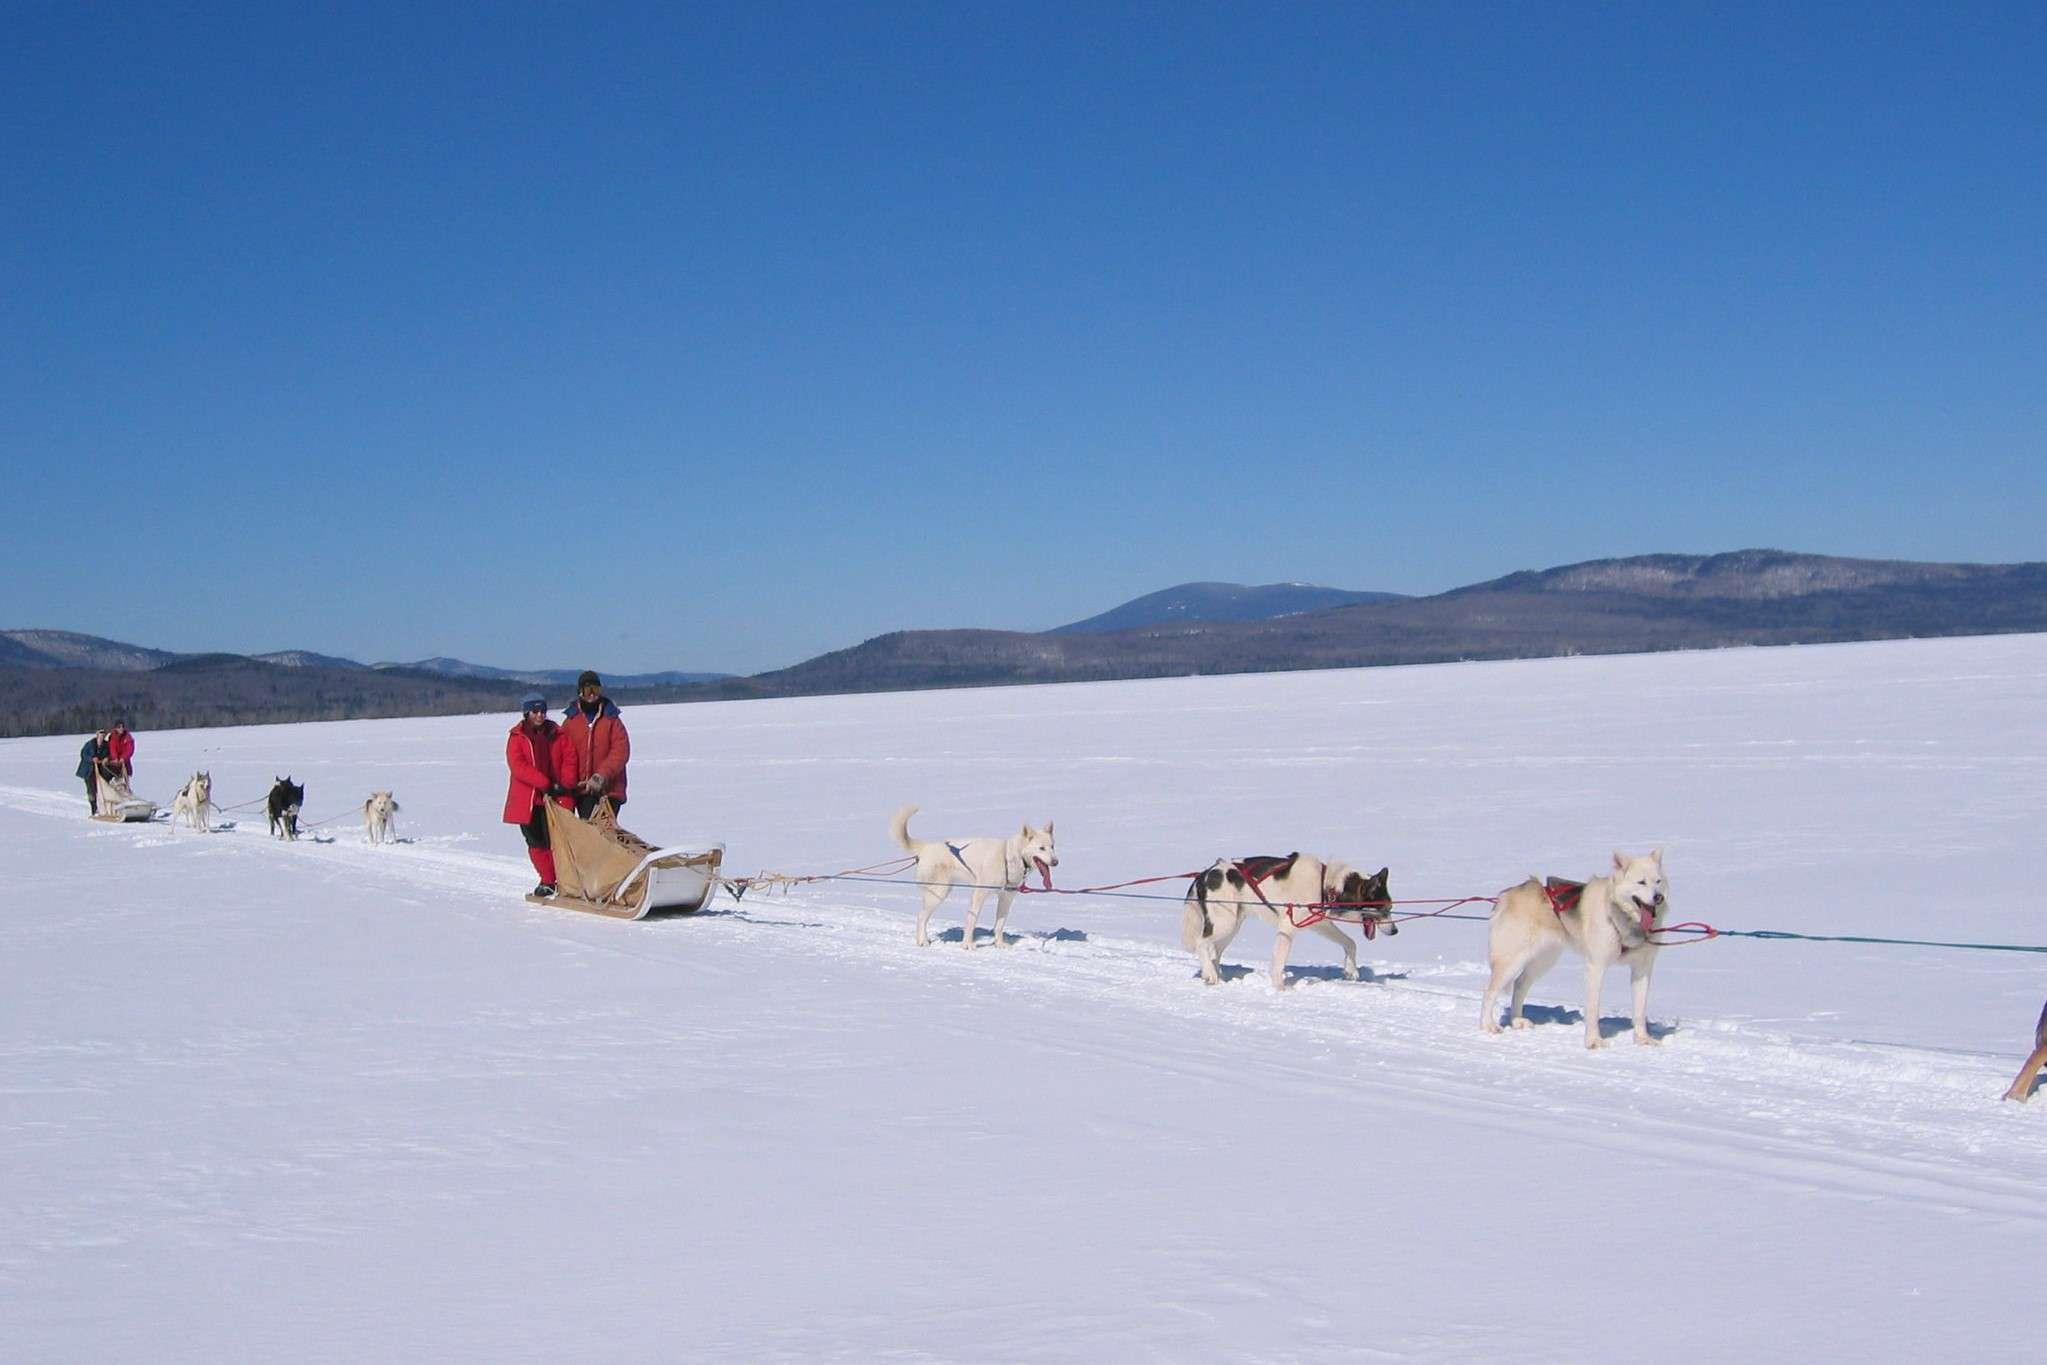 People mushing on a frozen lake